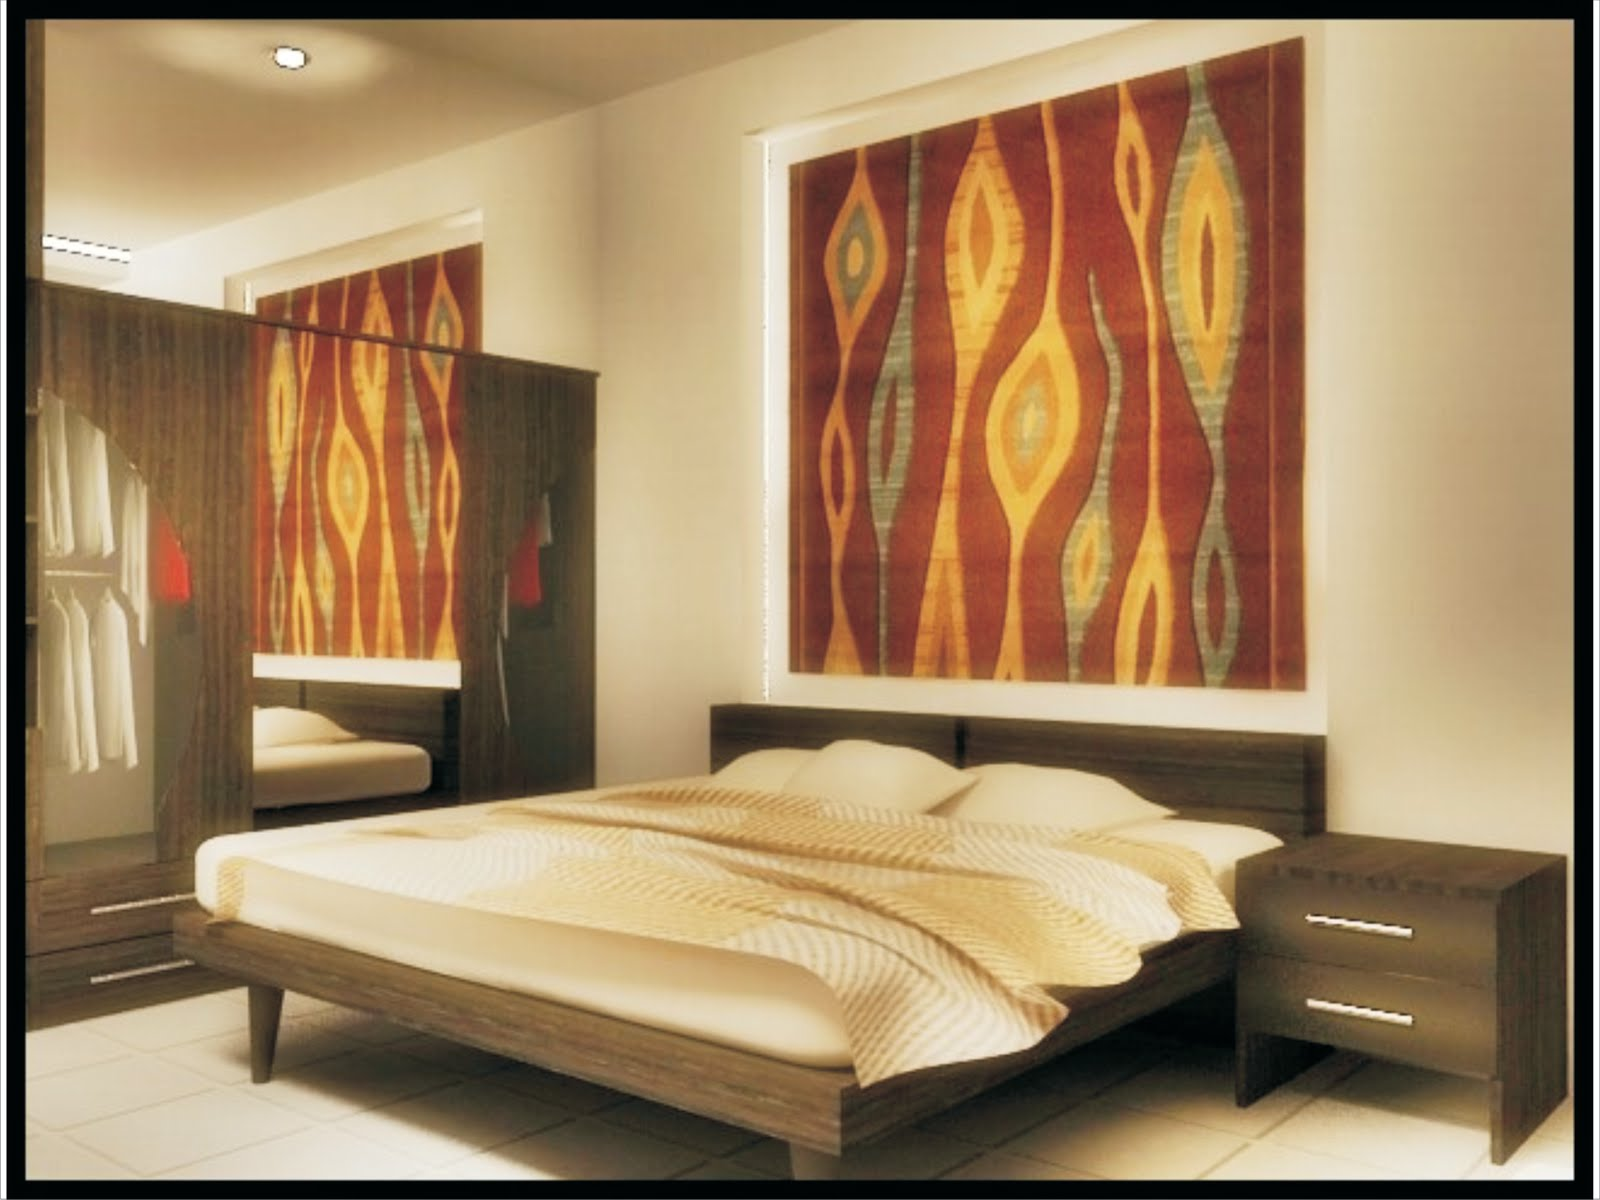 Thiết kế phòng ngủ chính cho gia chủ theo phong cách tối giản